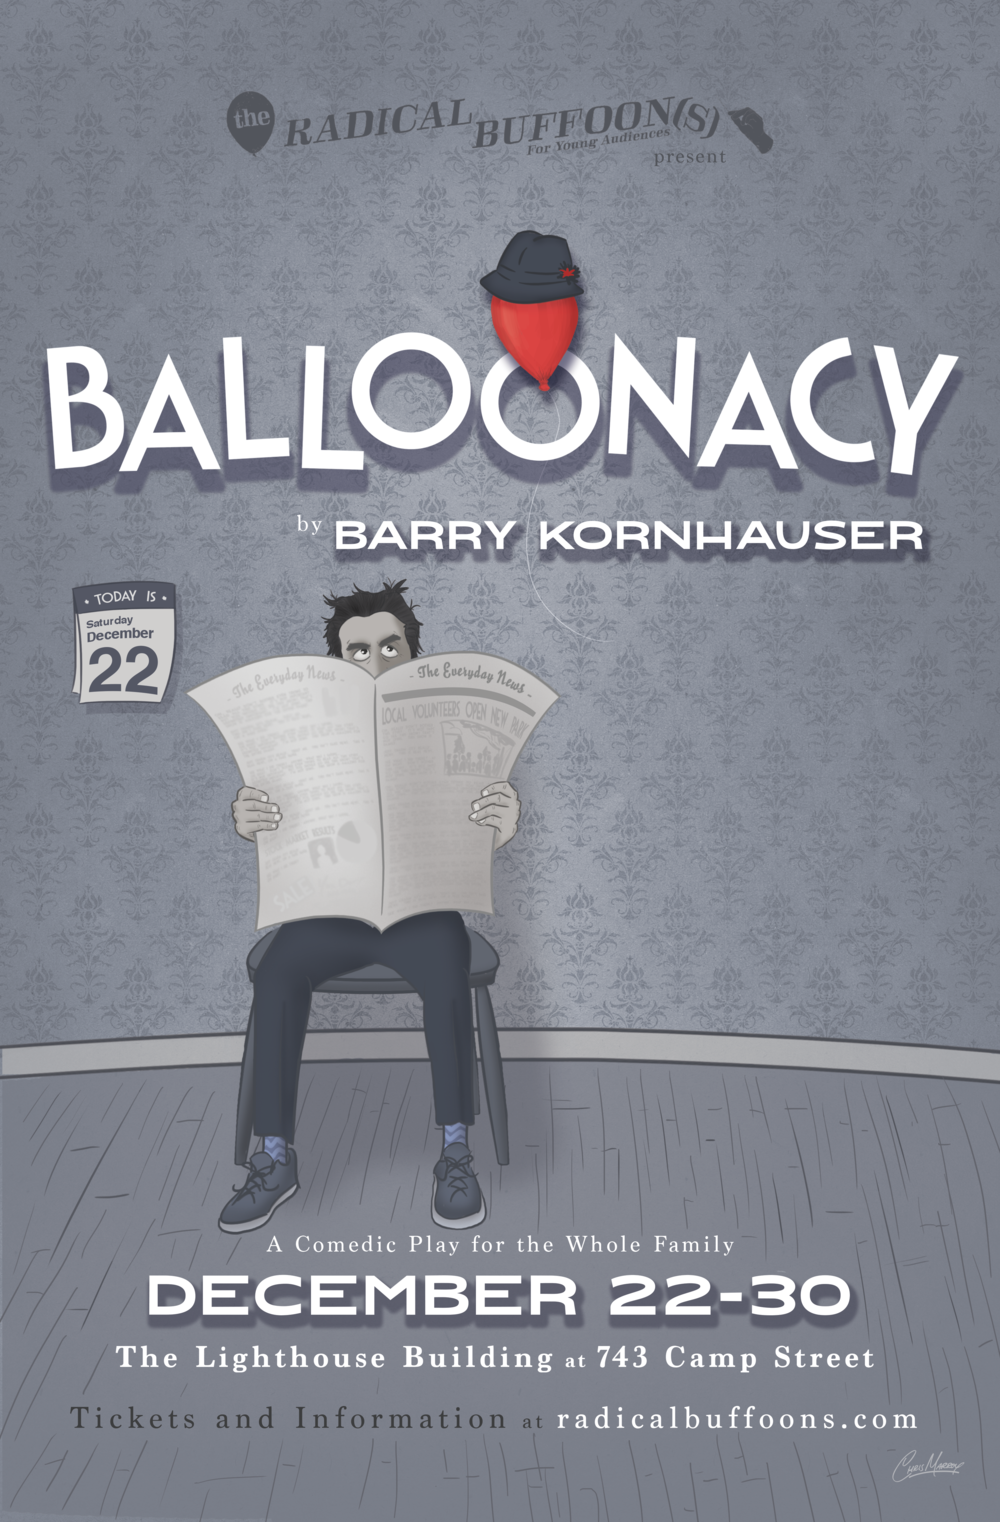 BALLOONACY 11x17 .25 BLEED.png